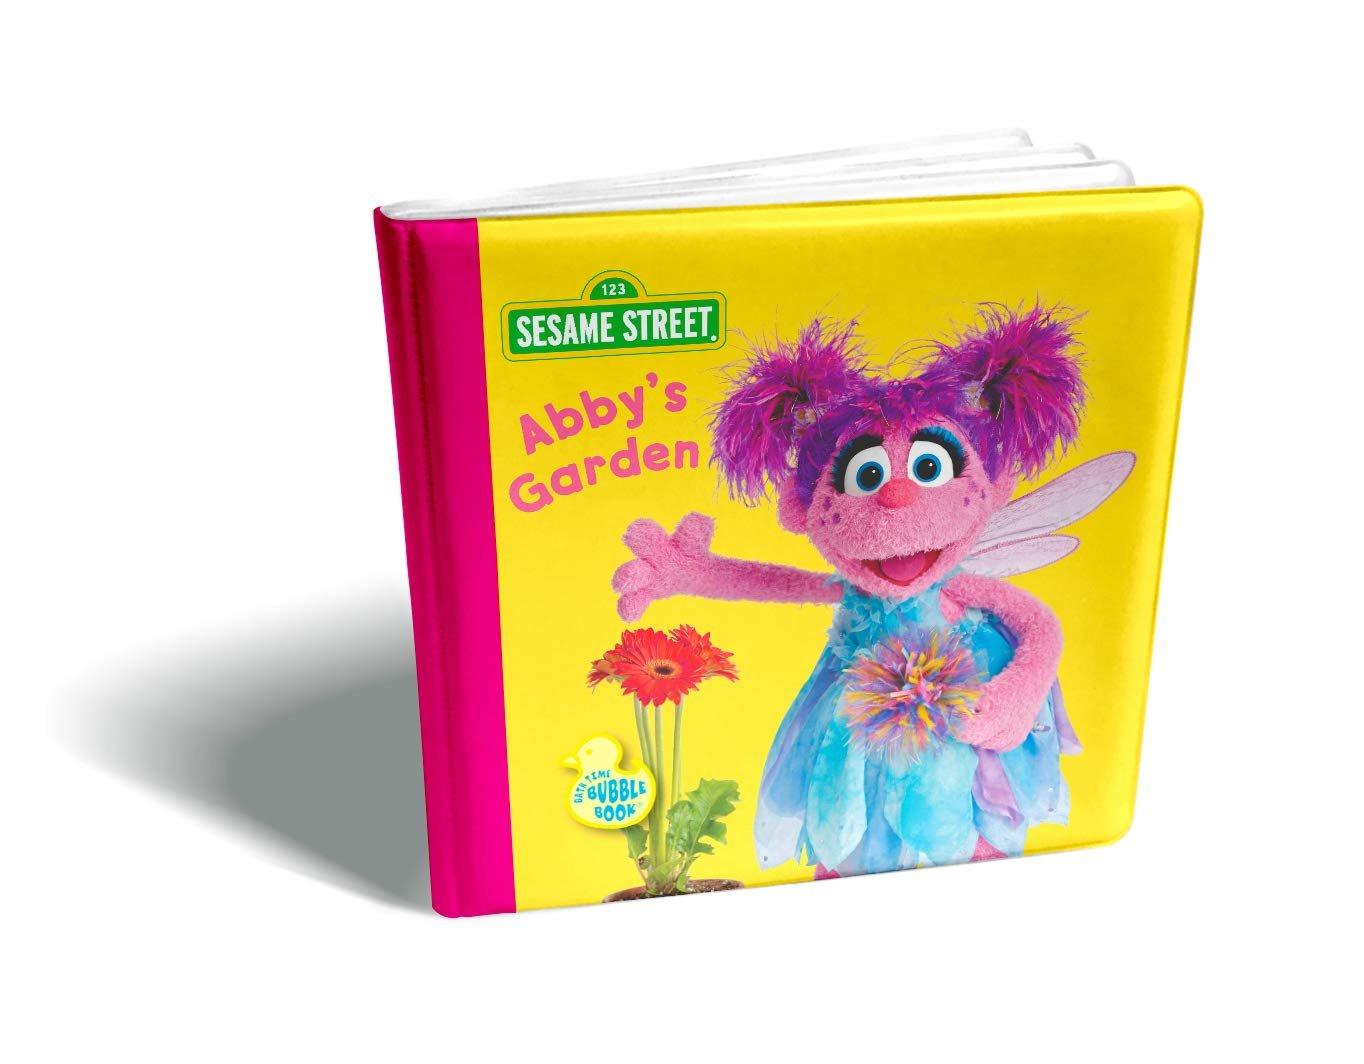 Sesame Street Bath Time Bubble Book-Abby's Garden